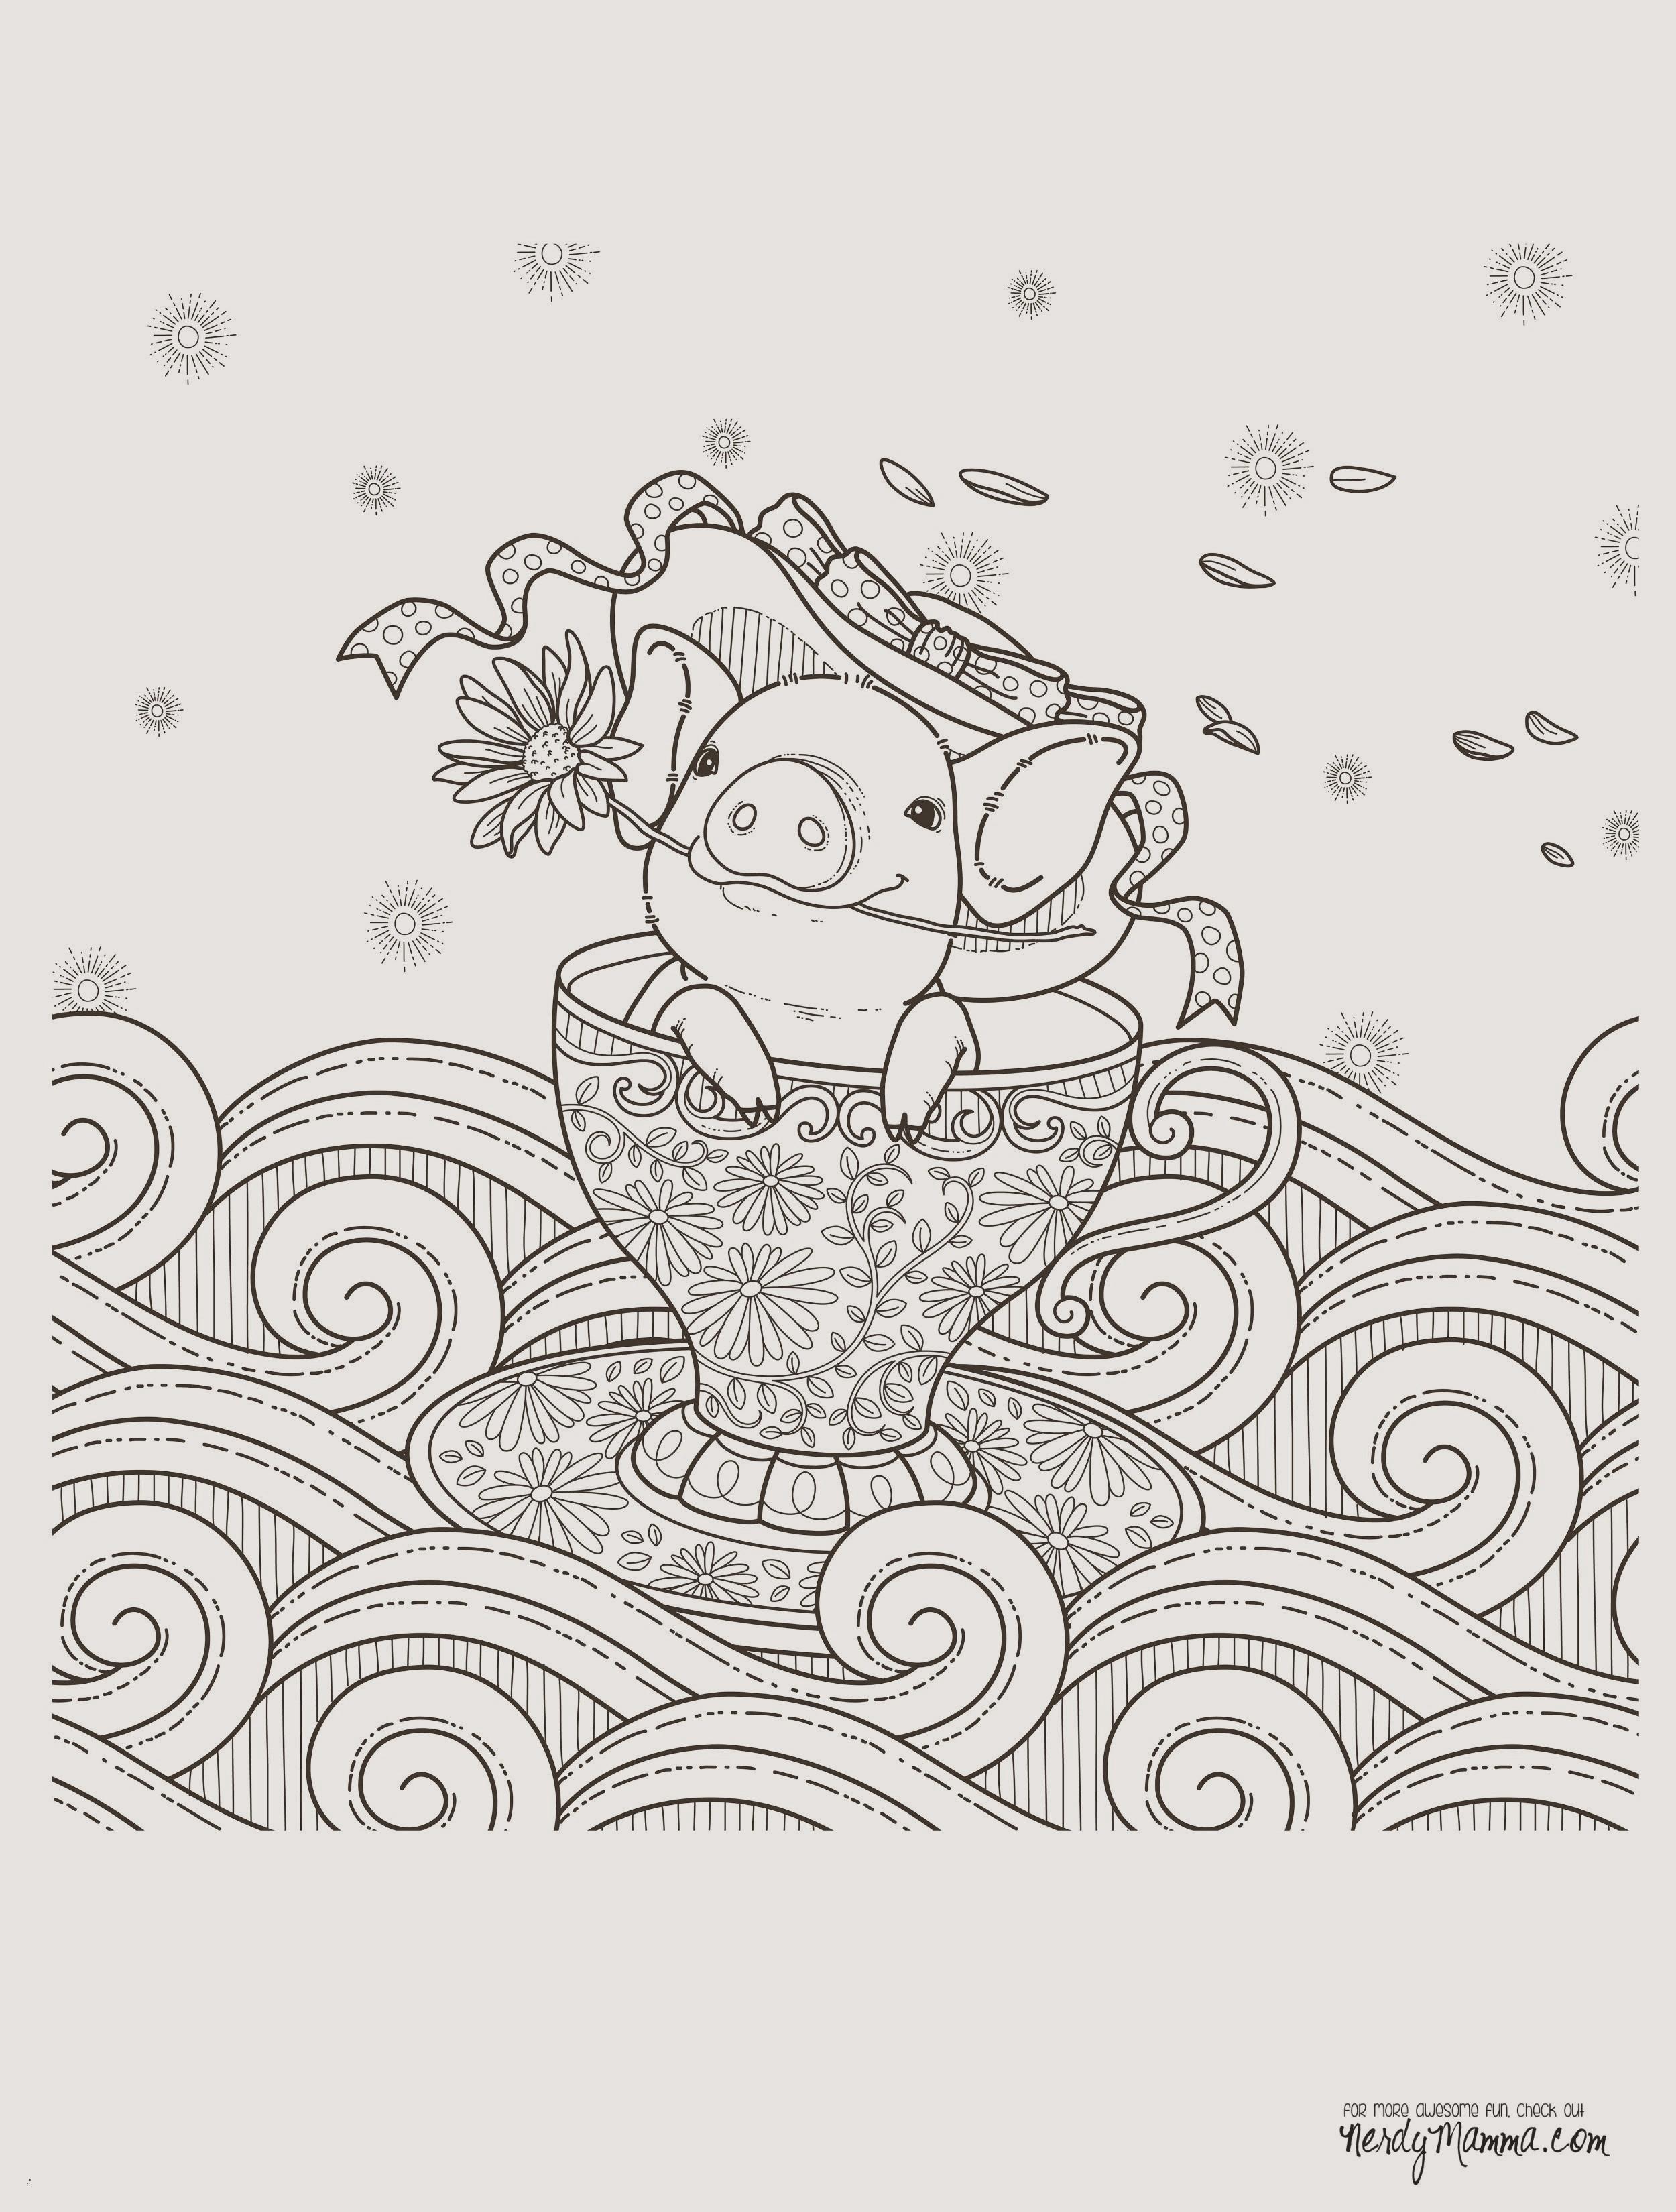 Ausmalbilder Weihnachten Engel Kostenlos Einzigartig Ausmalbilder Muttertag Ausdrucken 14 Muttertag Bilder Zum Sammlung